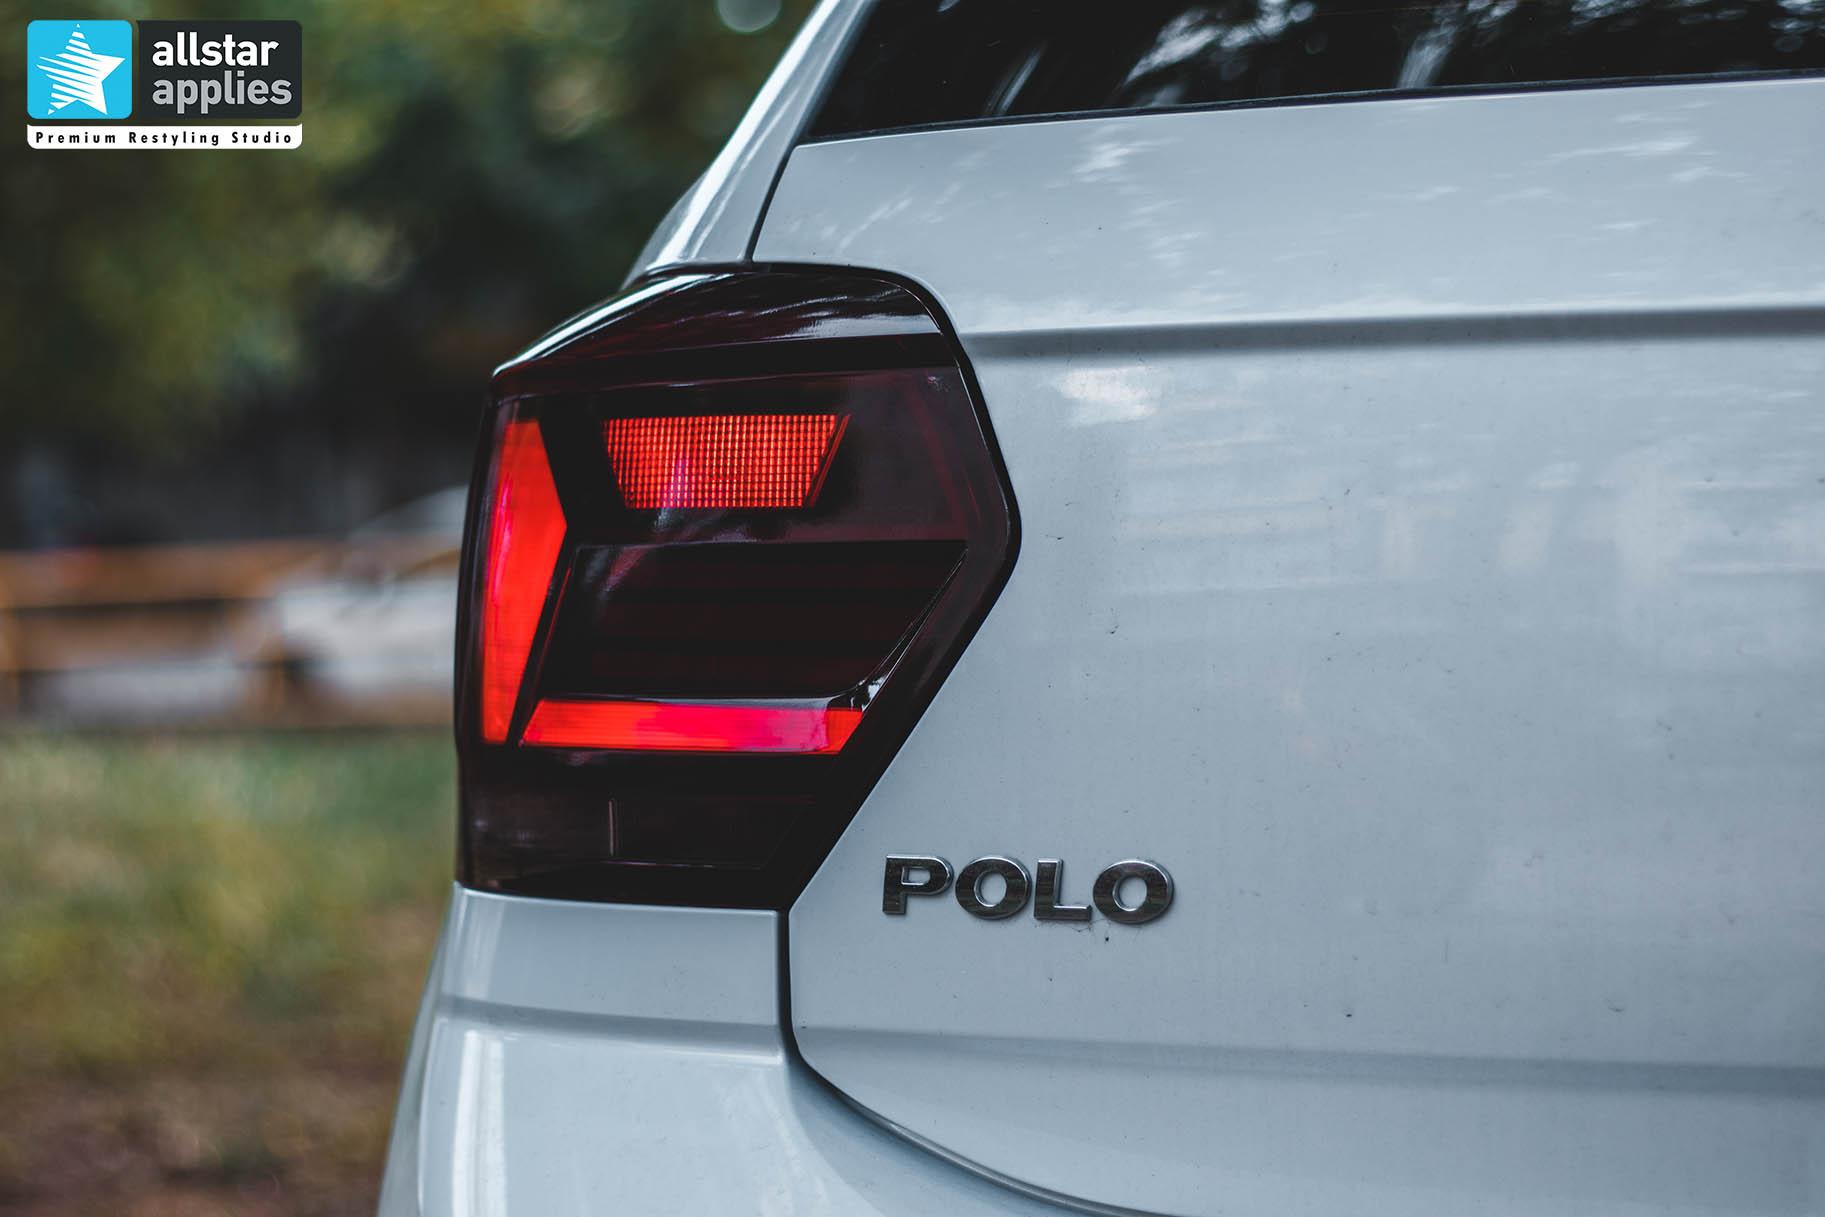 VW POLO 2020 WINDOW TINT - SMOKE TINT (1)